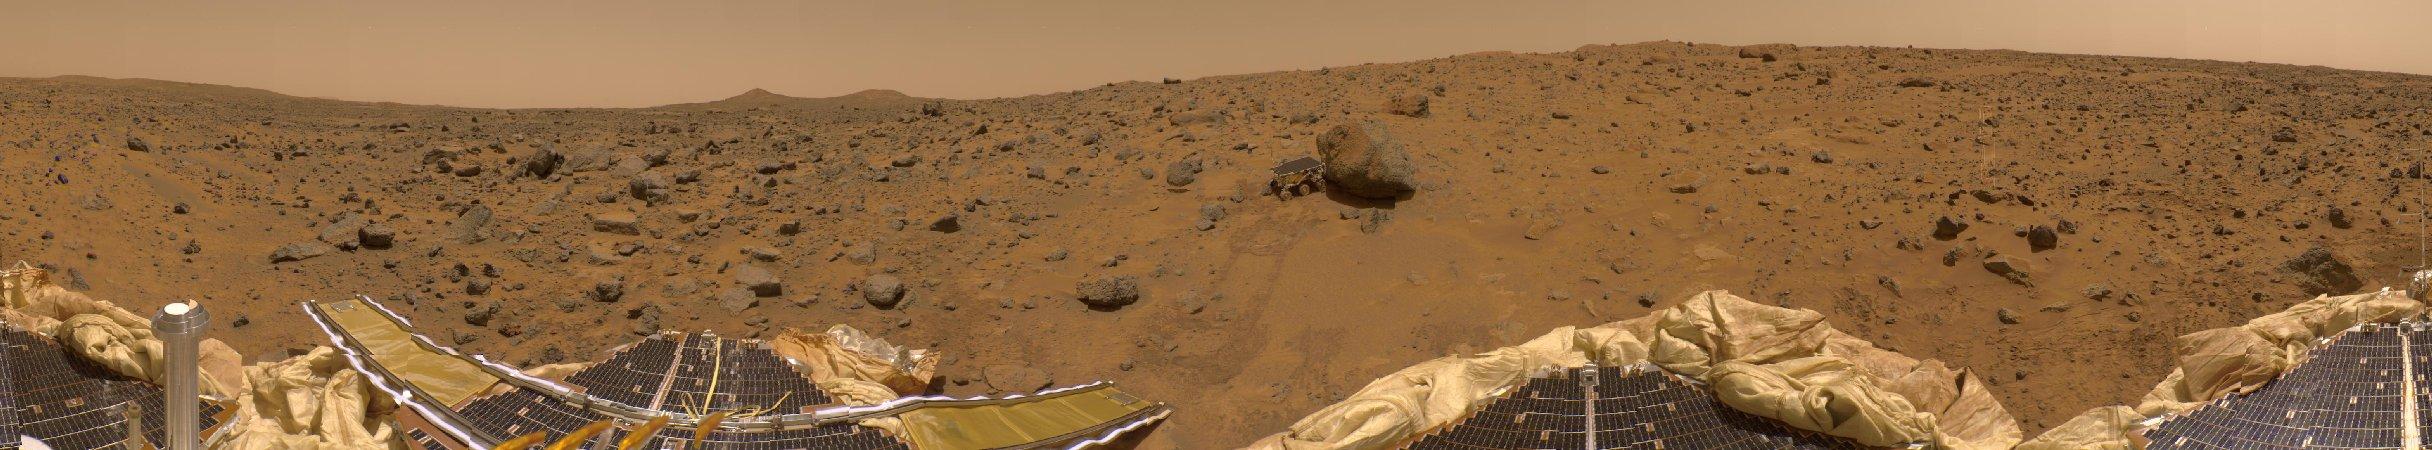 Un panorama présidentiel de Mars